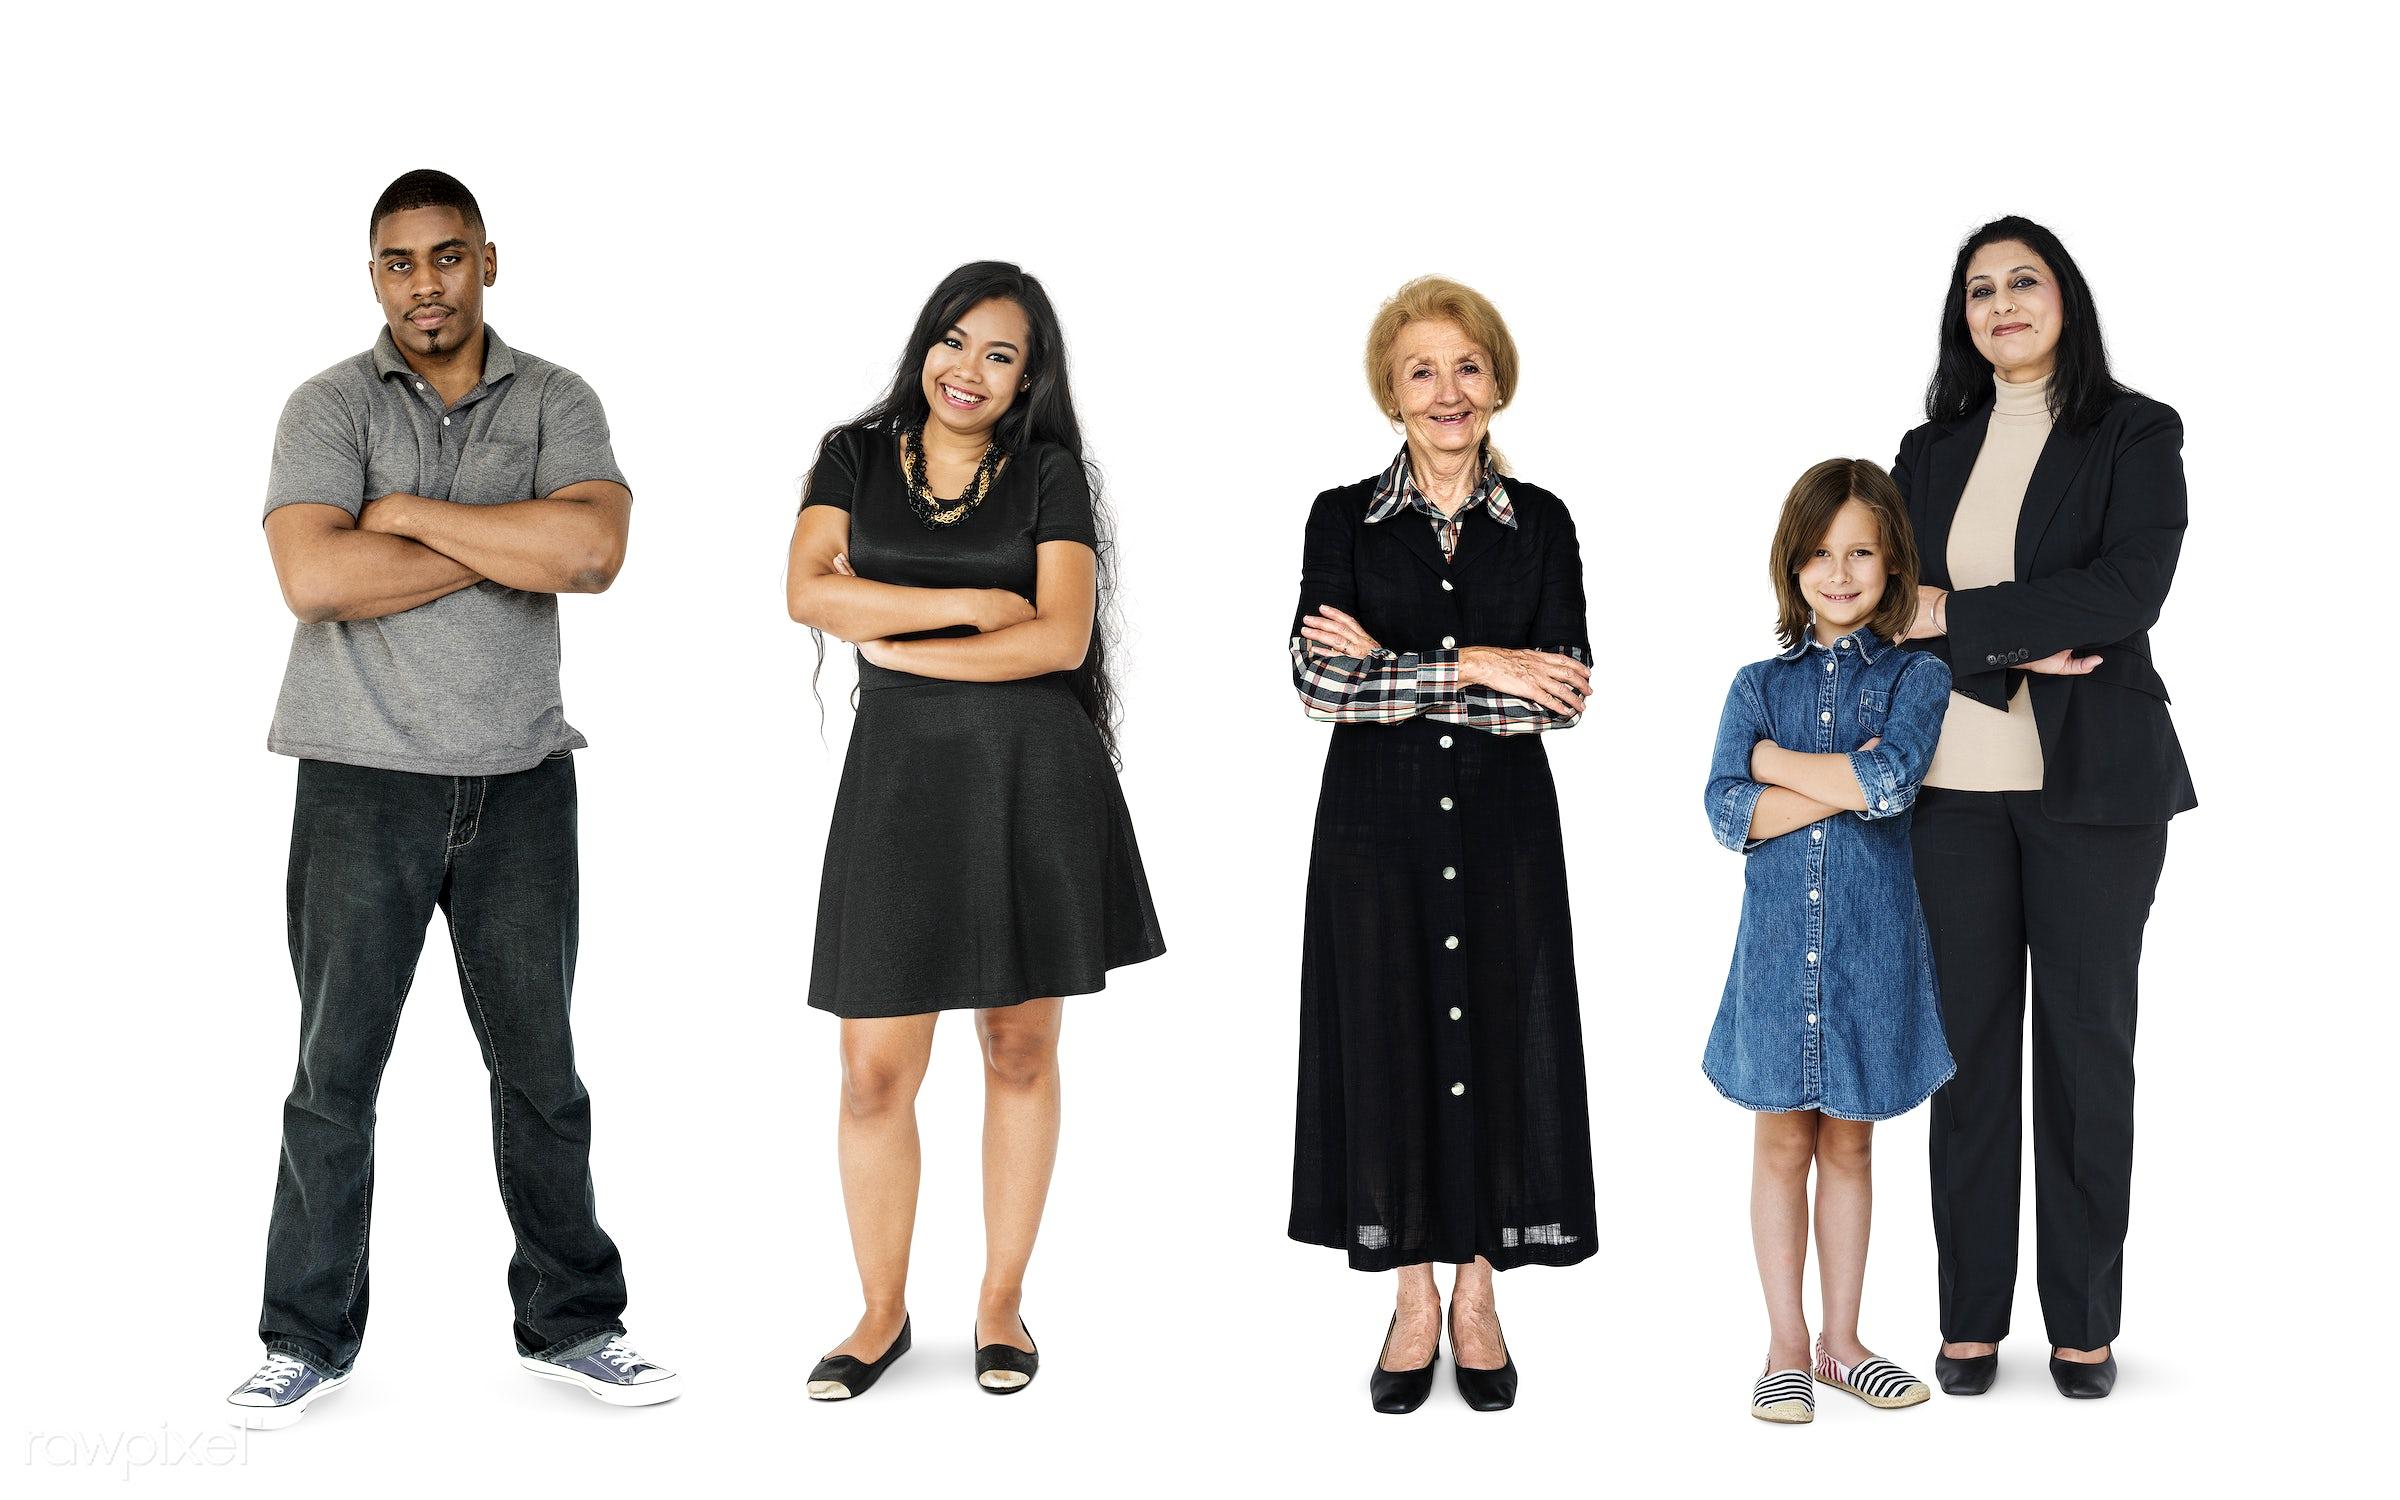 adolescent, adult, baby boomer, boys, cheerful, child, children, collection, diverse, diversity, elderly, enjoyment, gen x,...